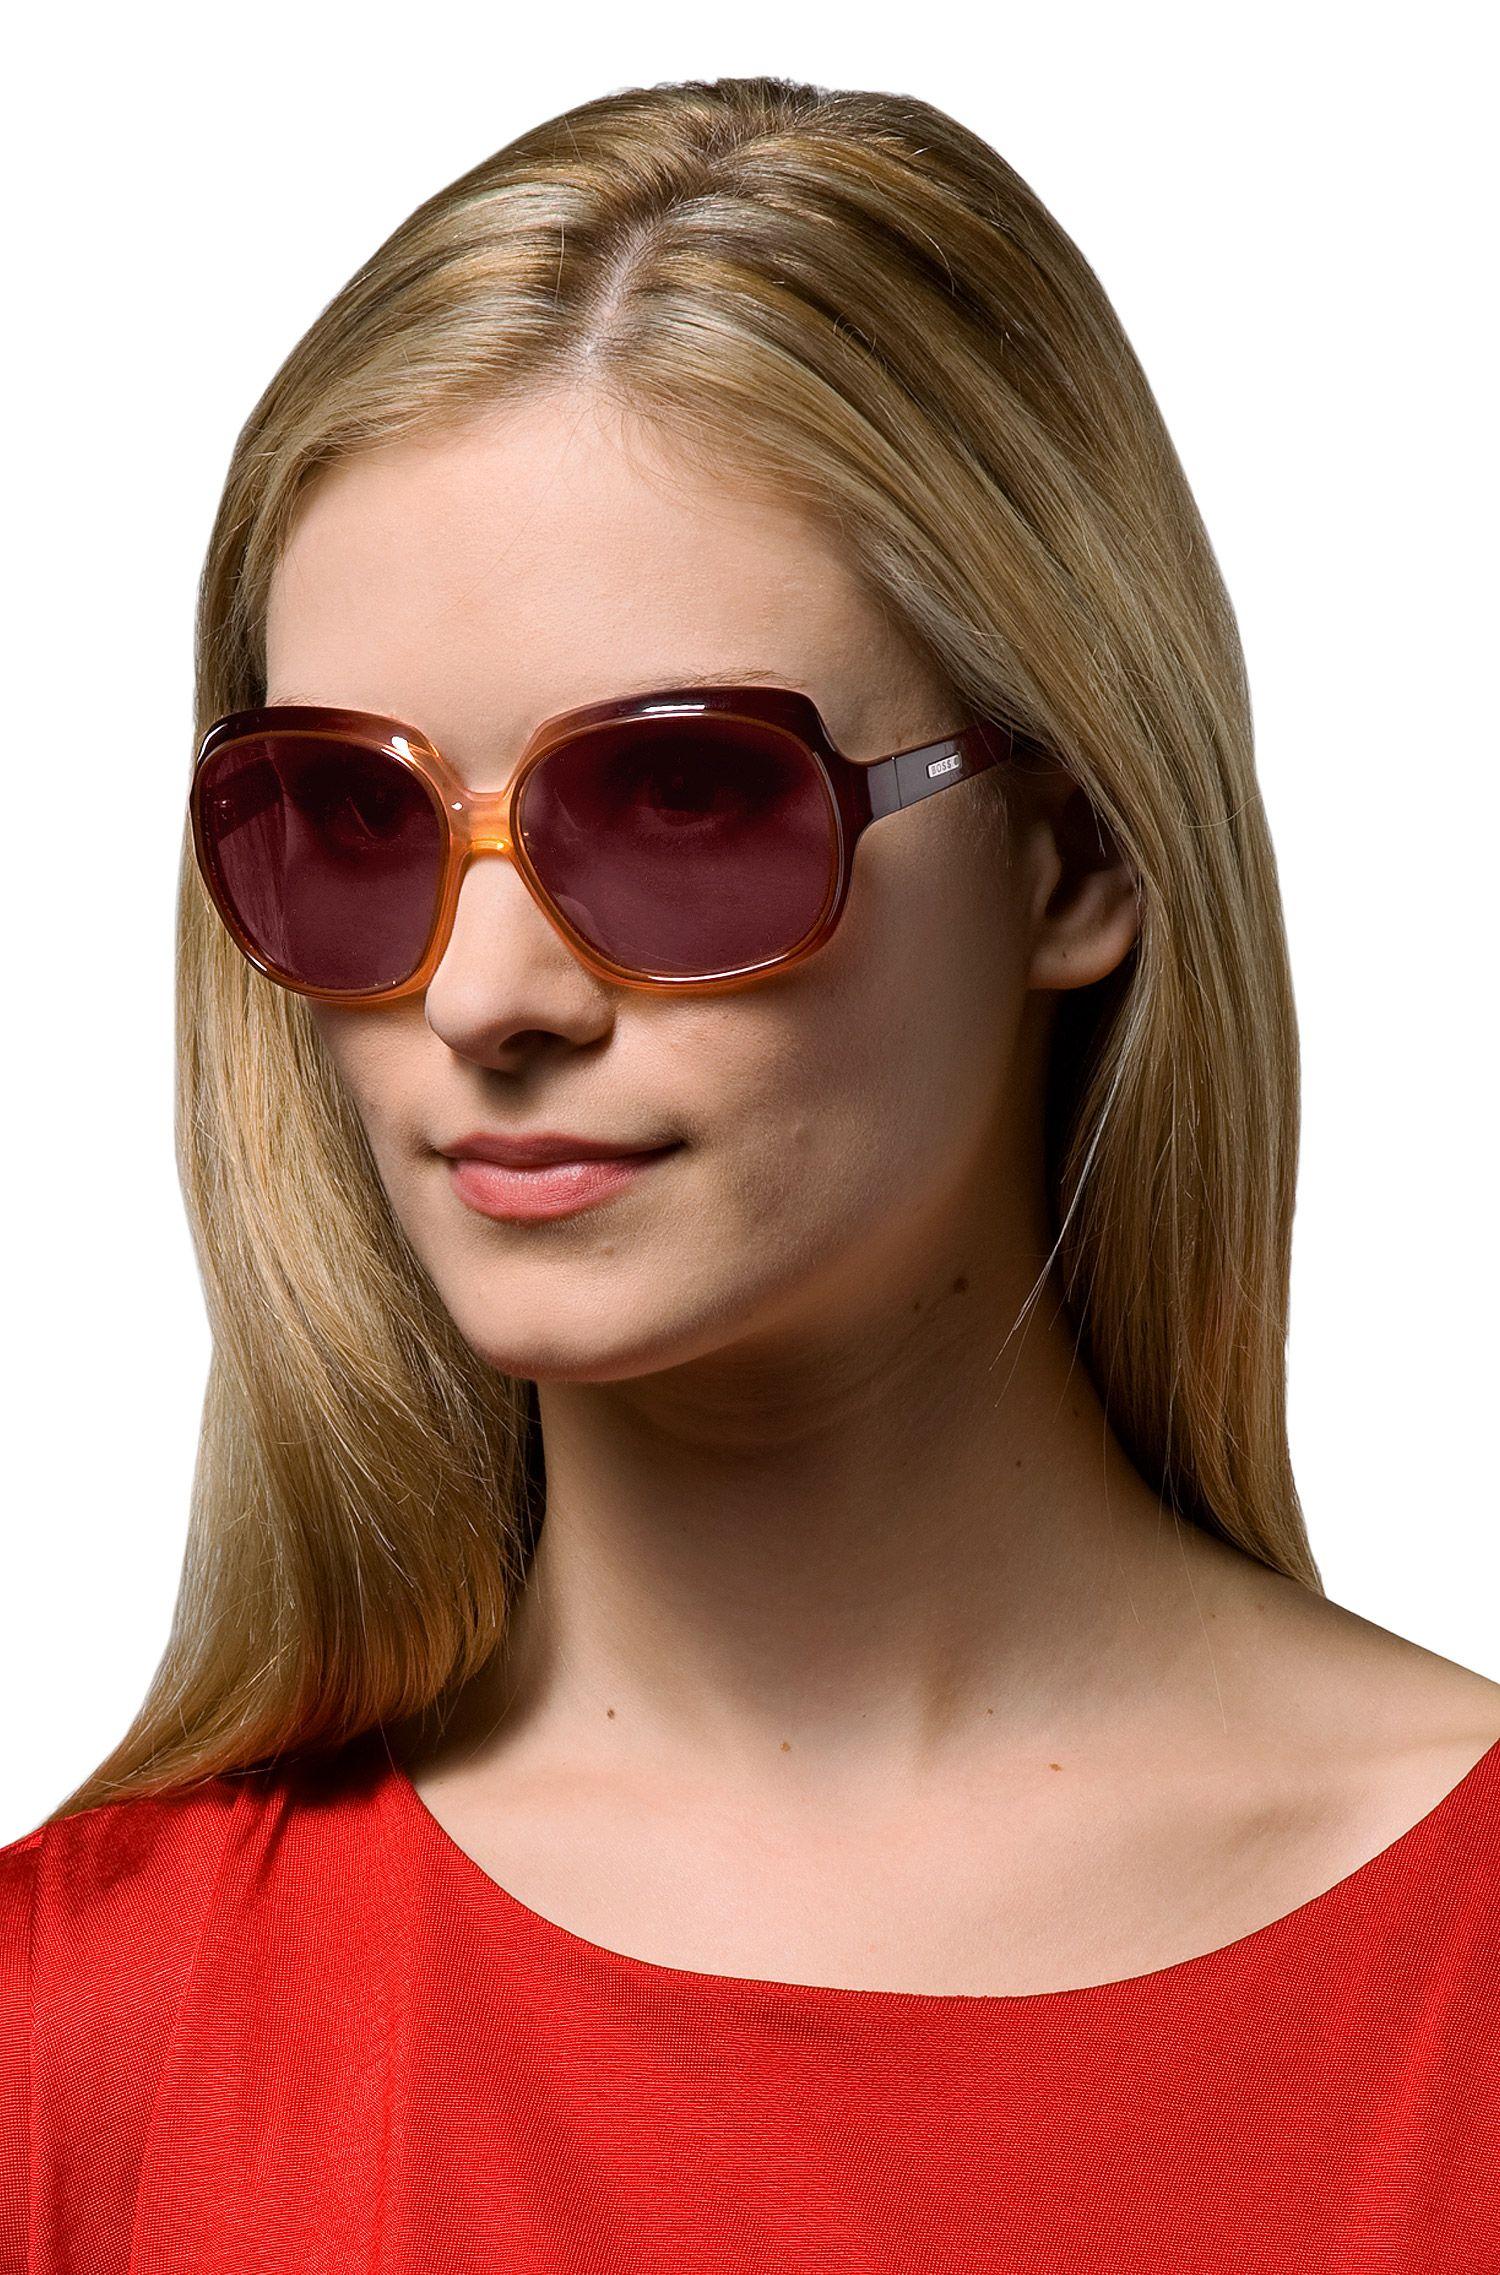 Damensonnenbrille im Glam-Vintage-Look